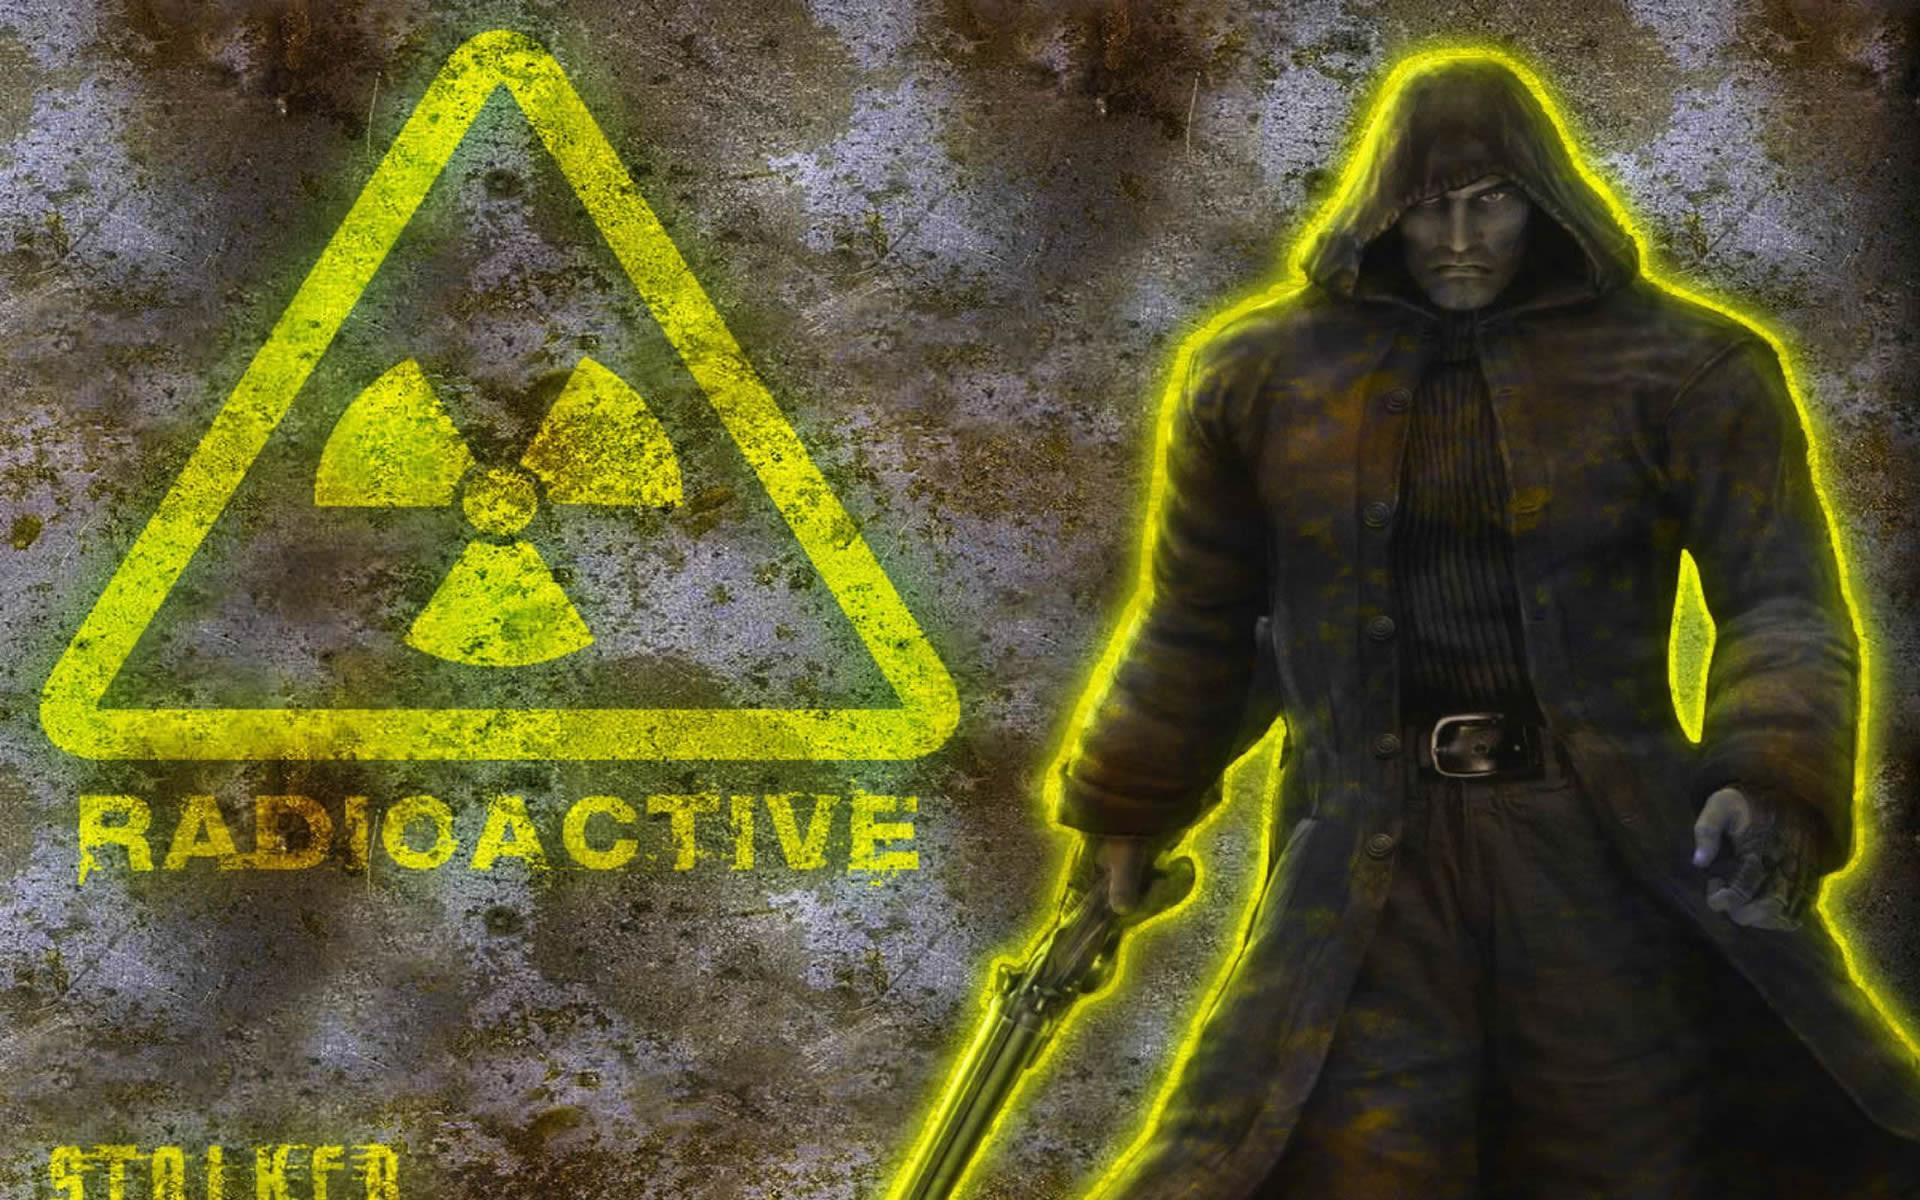 Res: 1920x1200, Radioactive